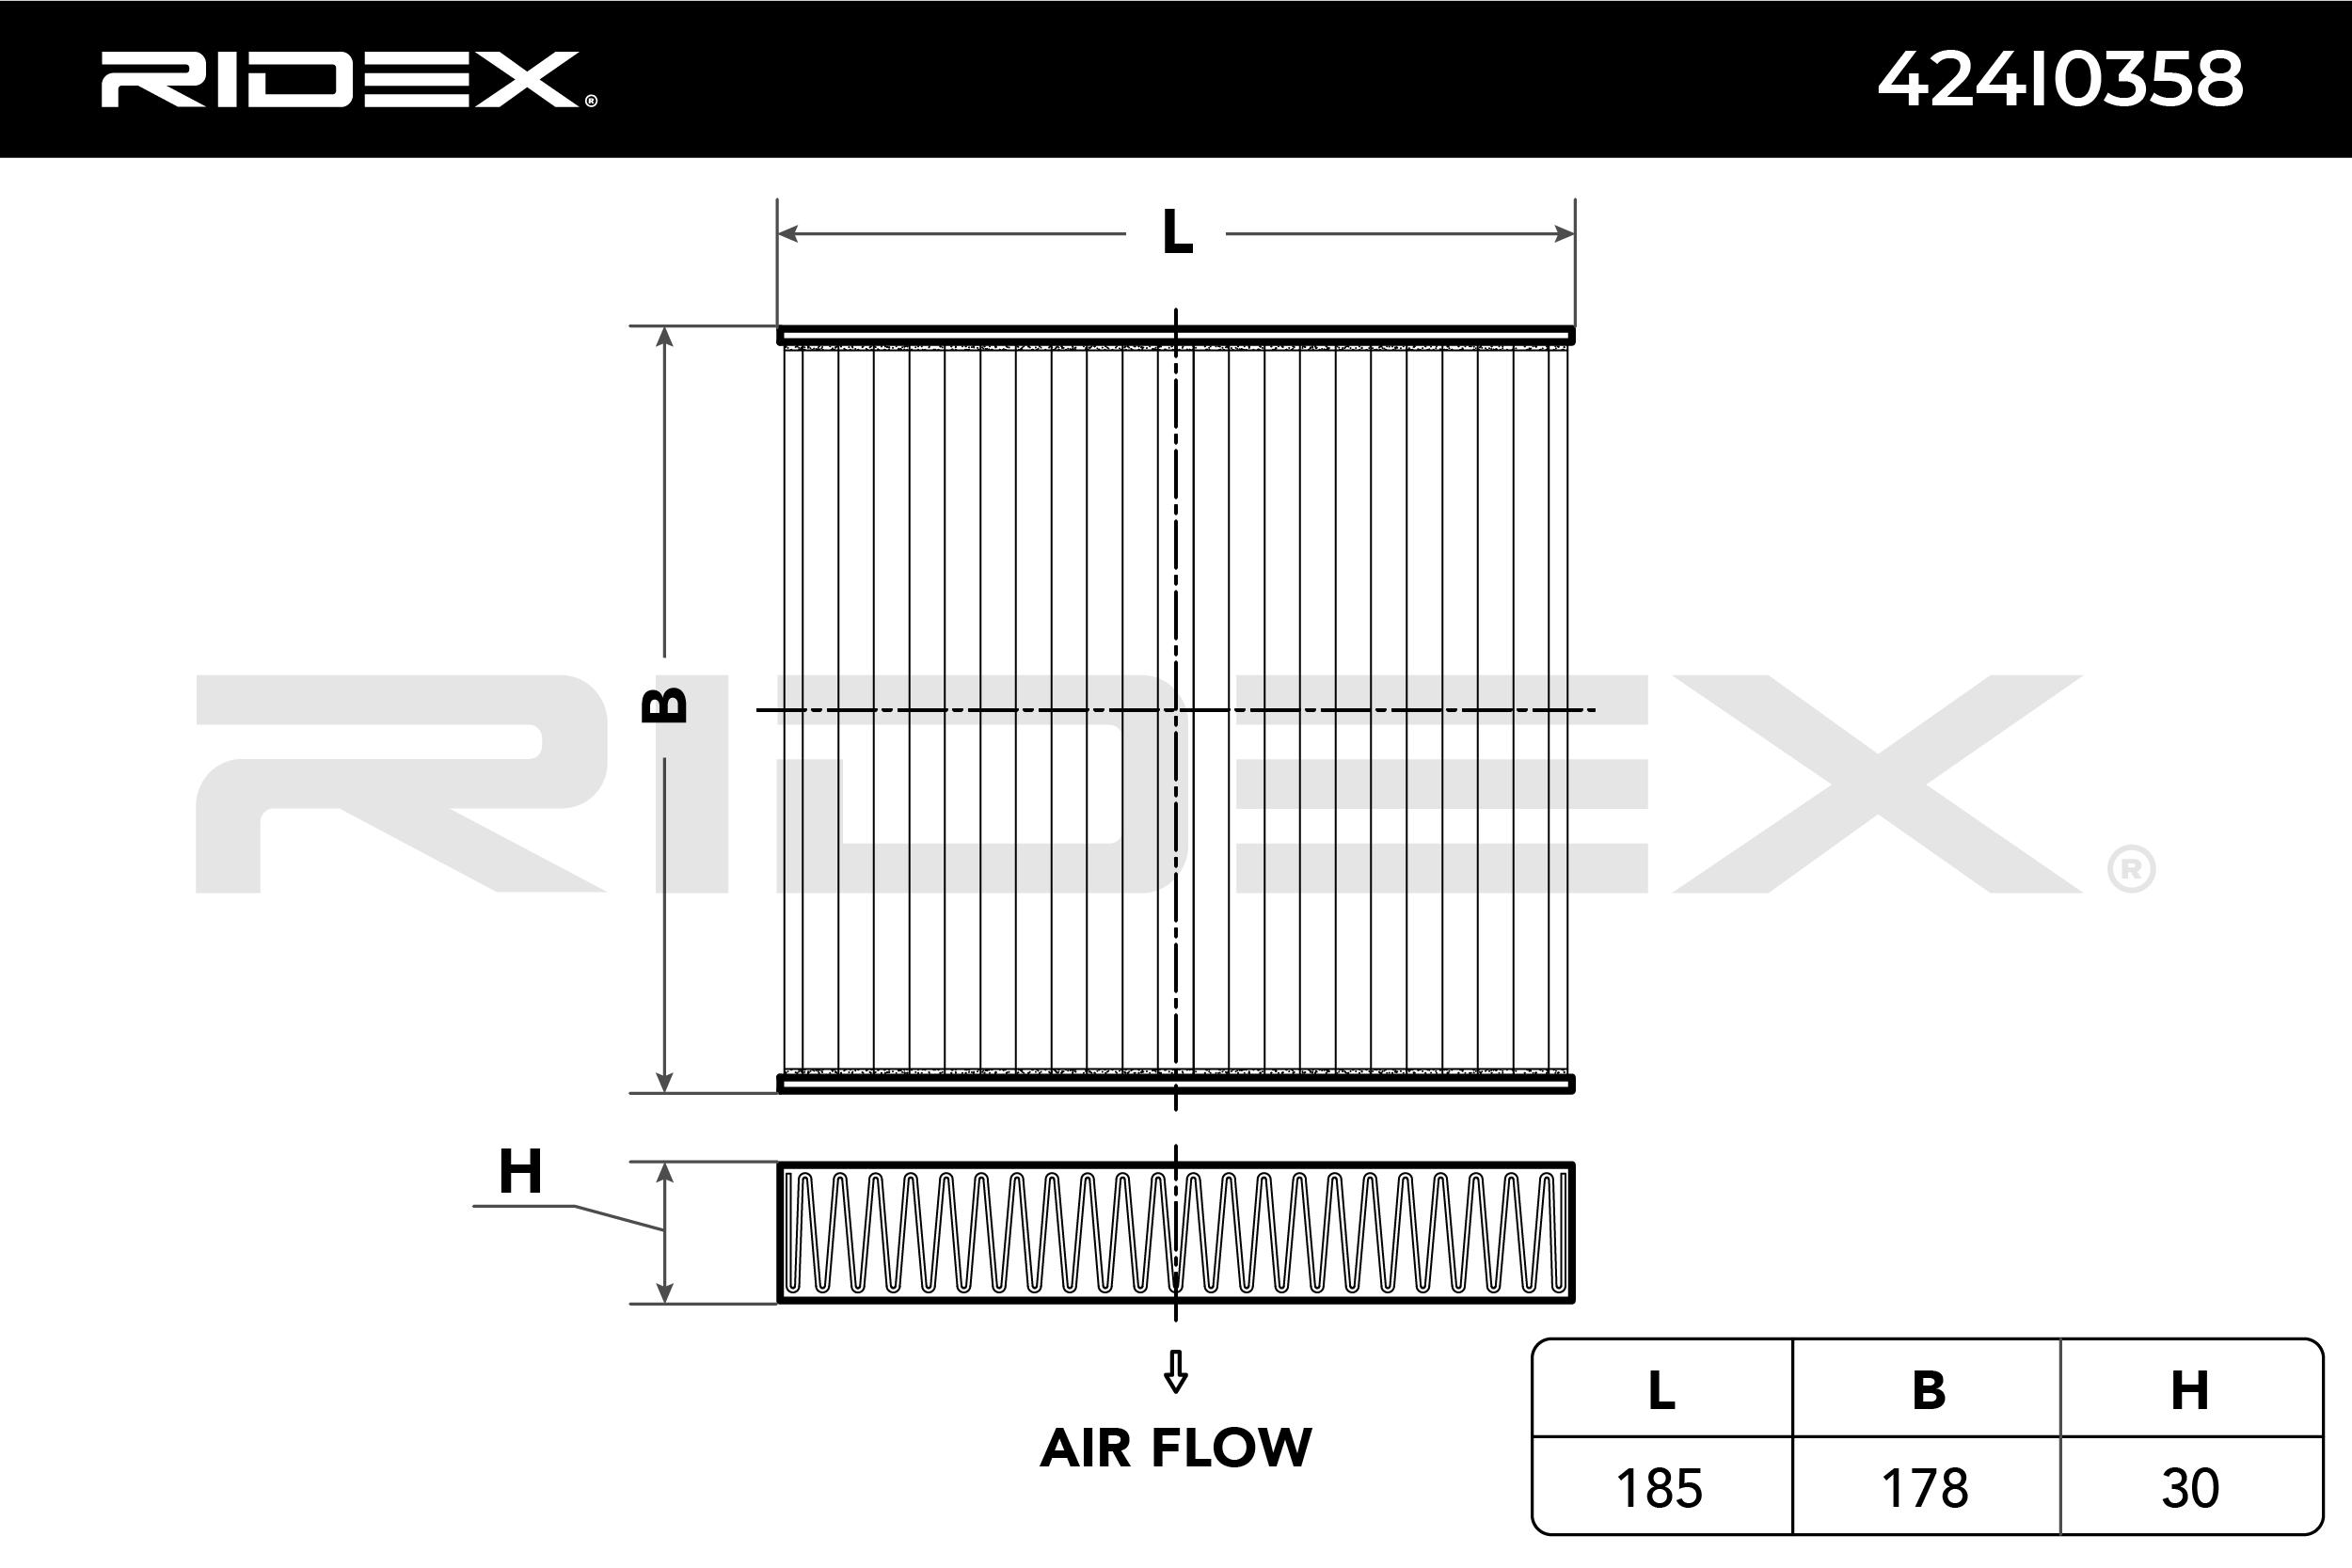 Pollen Filter 424I0358 RIDEX 424I0358 original quality